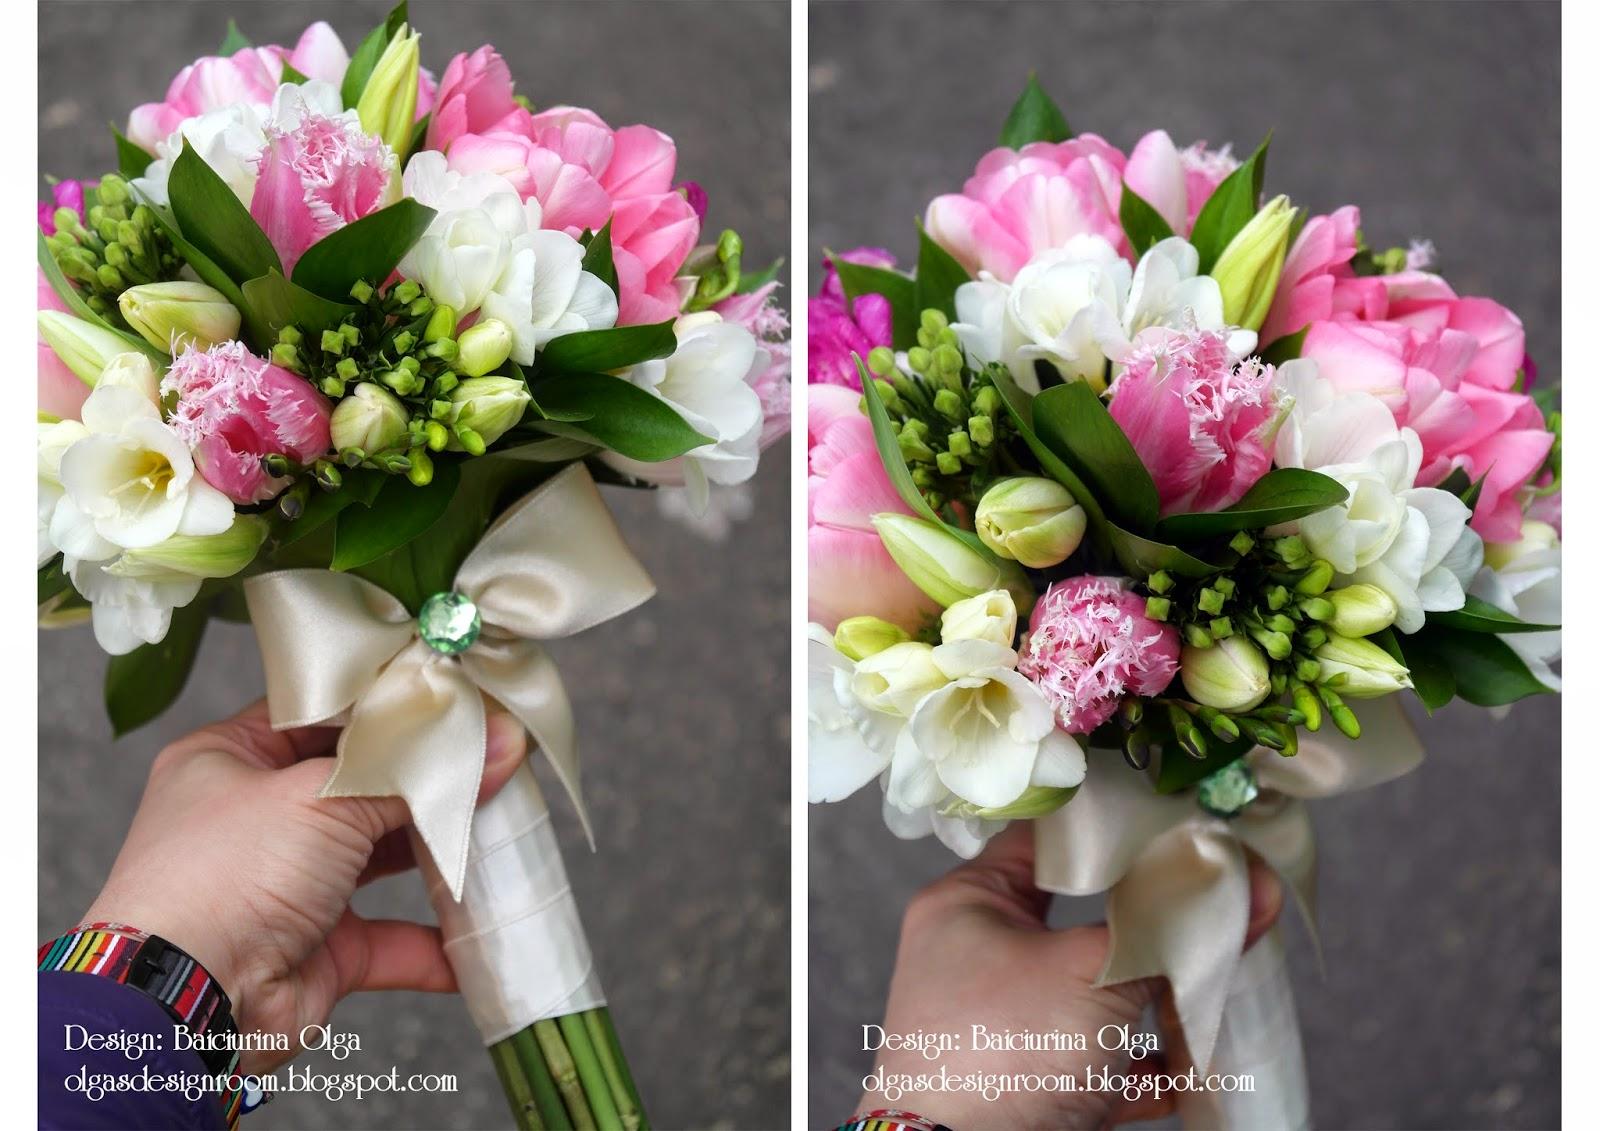 Весенний букет невесты составлен из пионов разных сортов,фрезии,бовардии,рускуса.Особым пожеланием невесты было наличее в букете пиновидных тюльпанов и